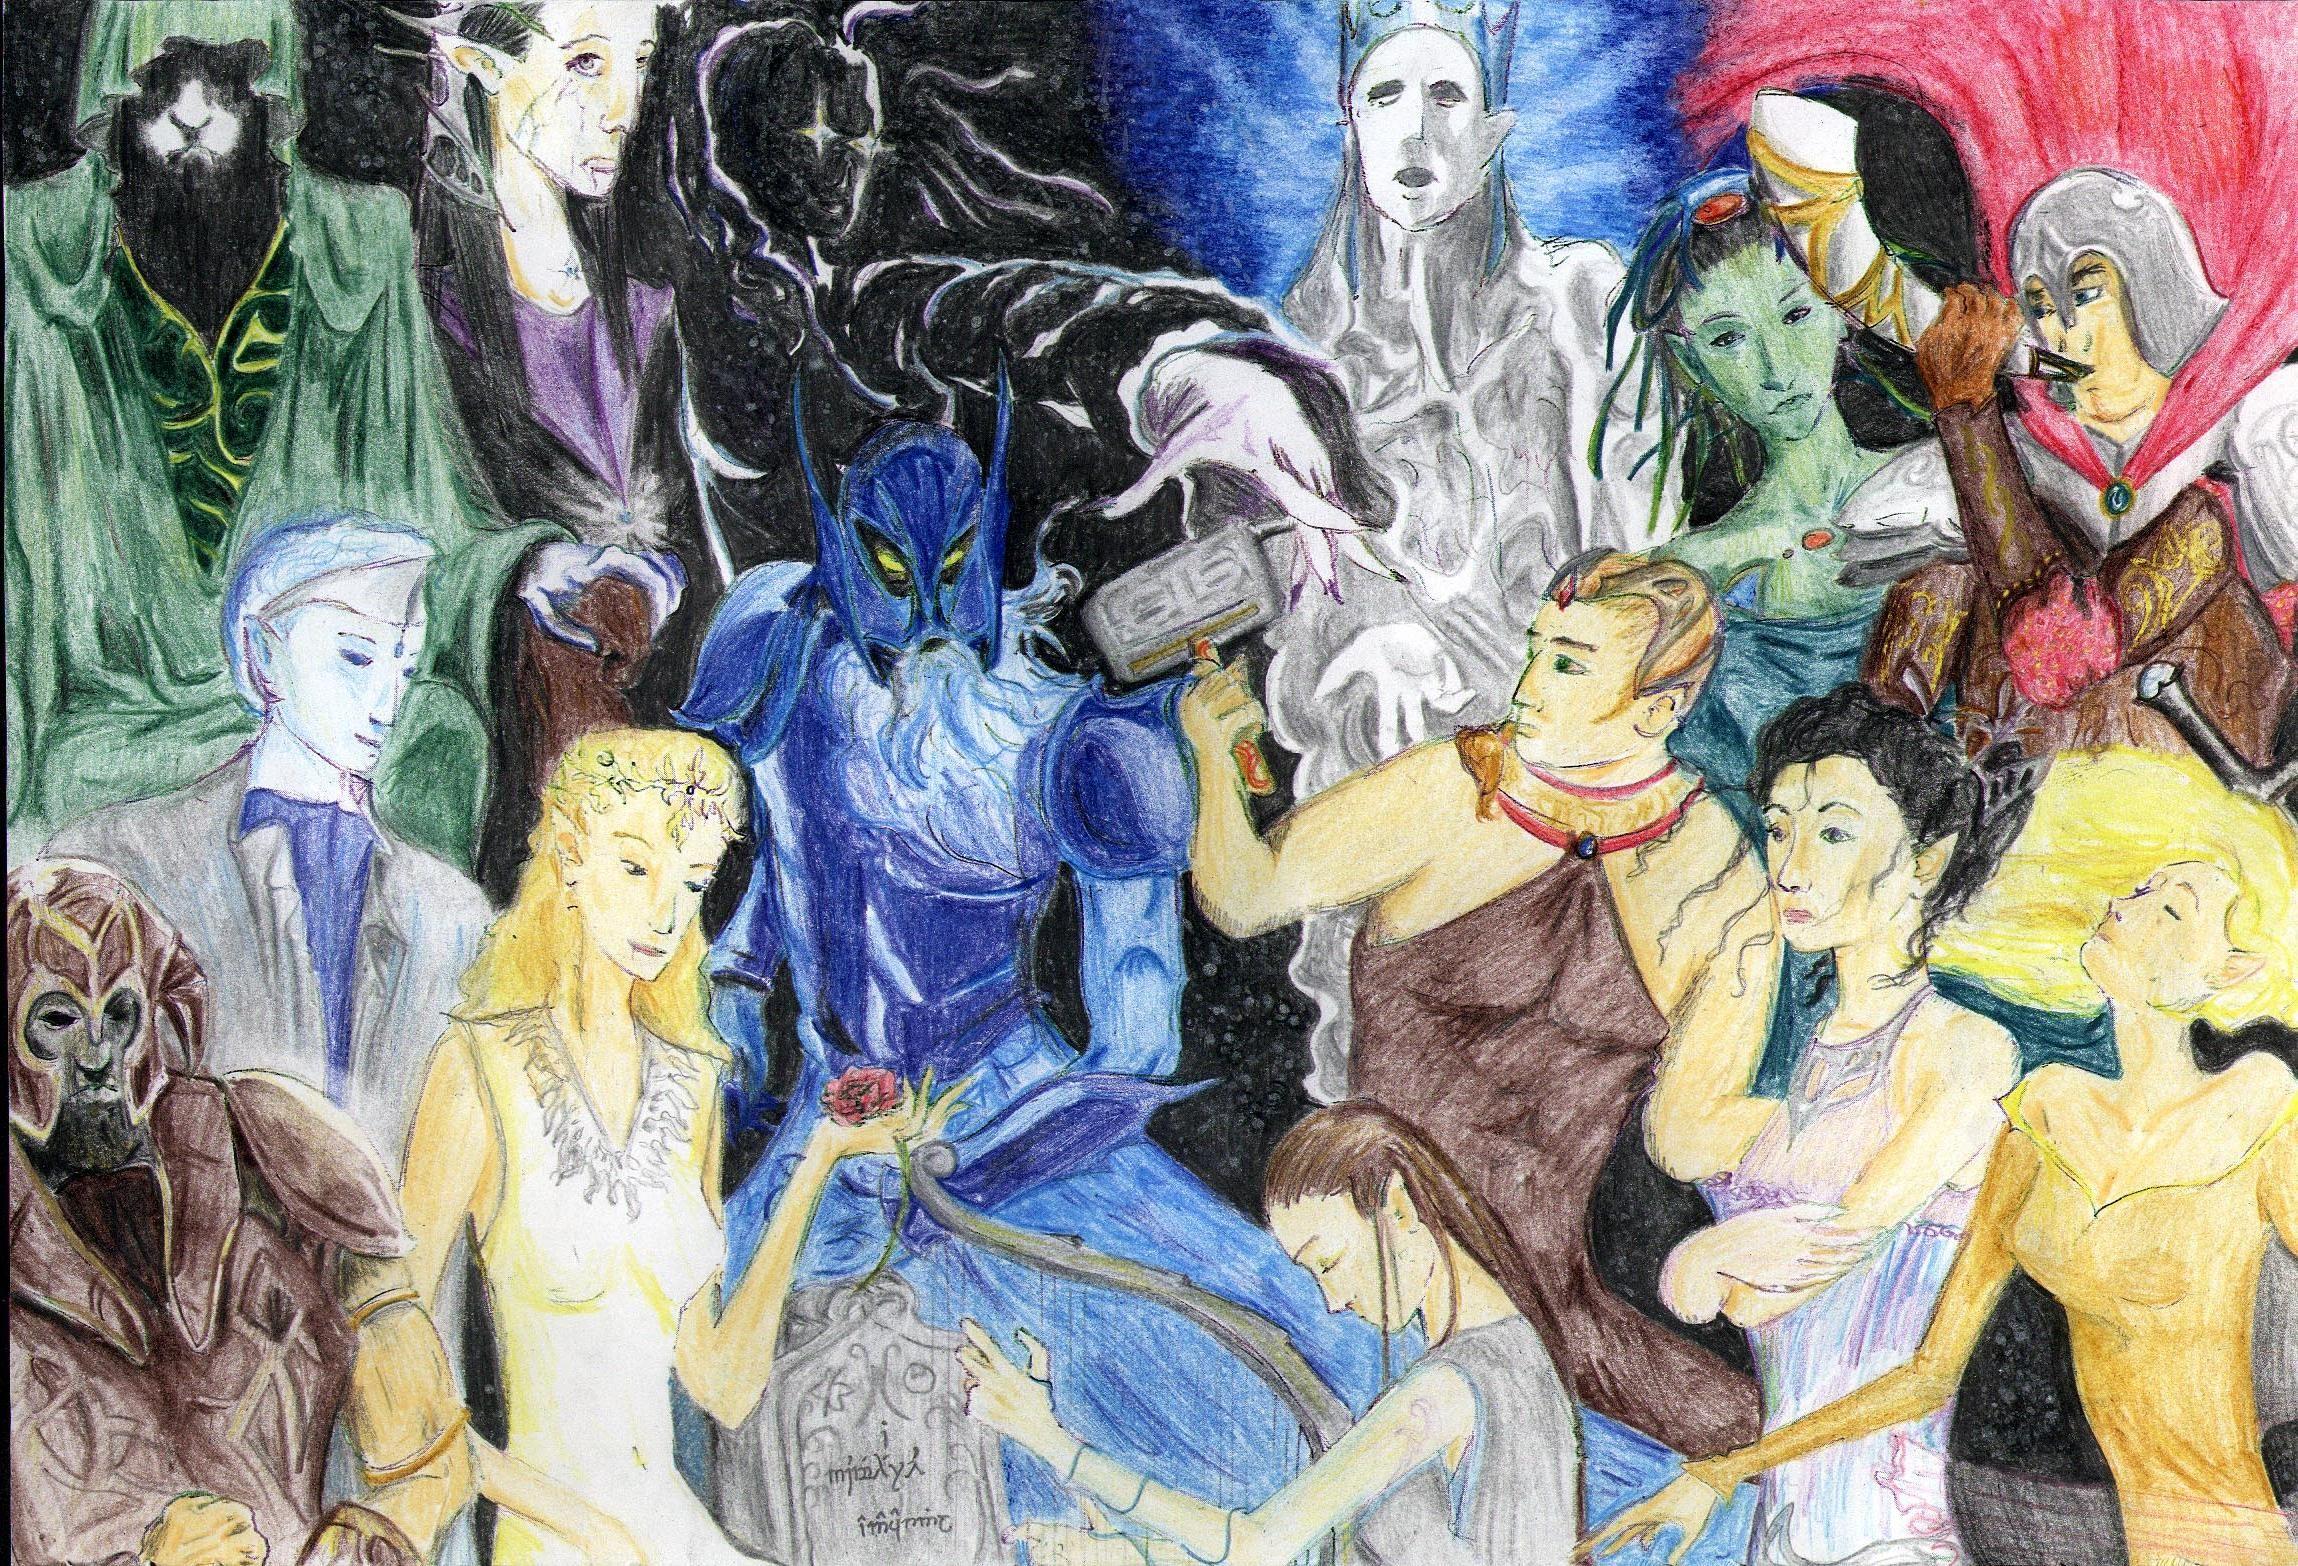 The Valar. Love this interpretation! Artwork, Tolkien